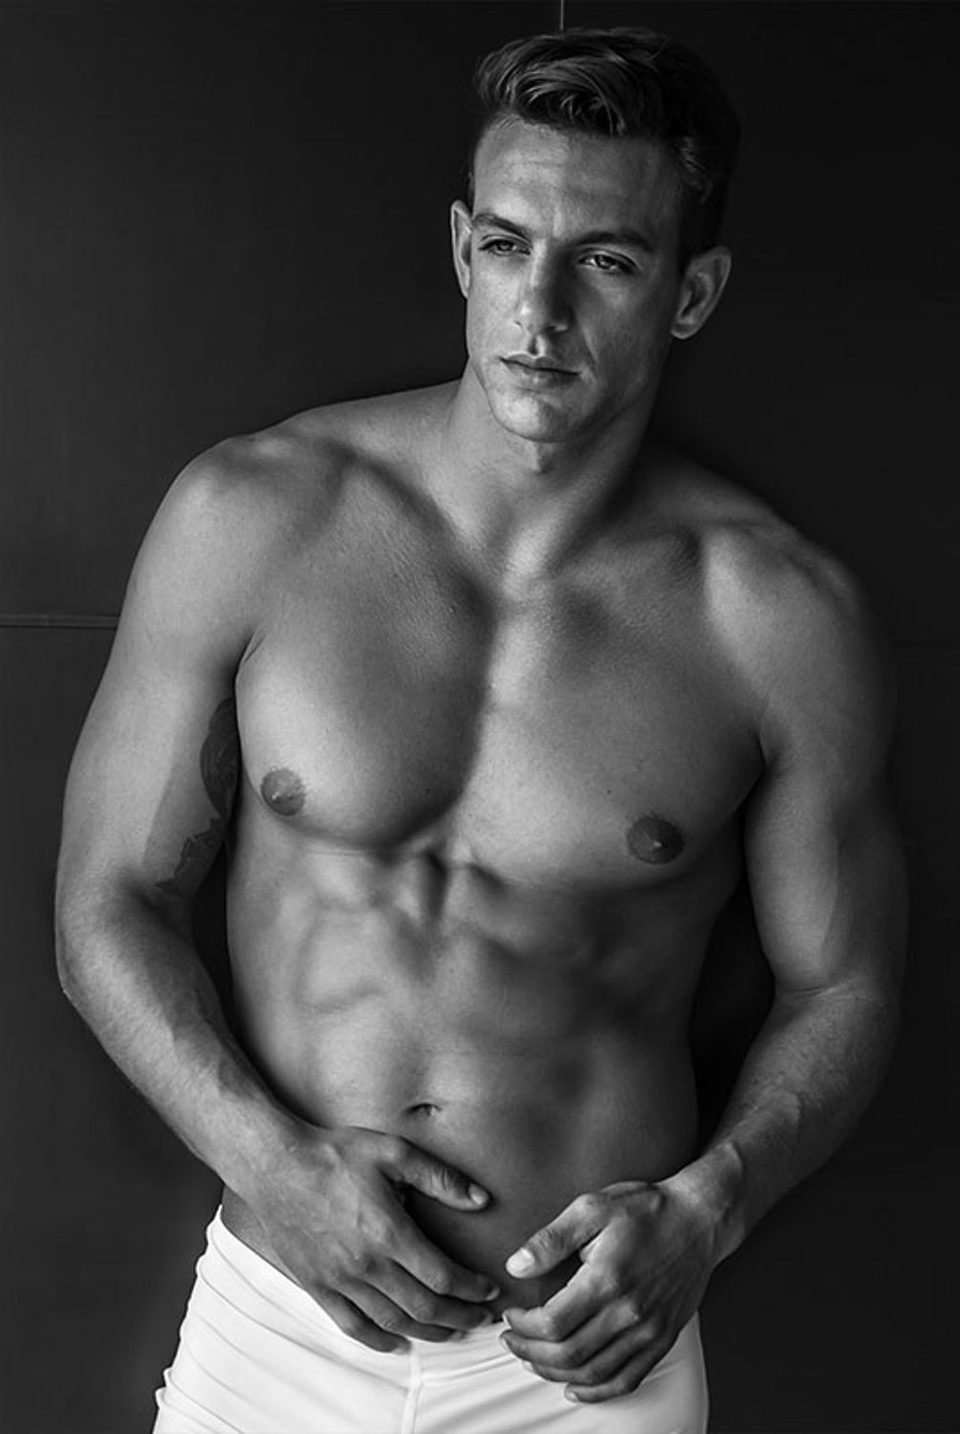 Joaquín Ferreira sin camiseta en blanco y negro